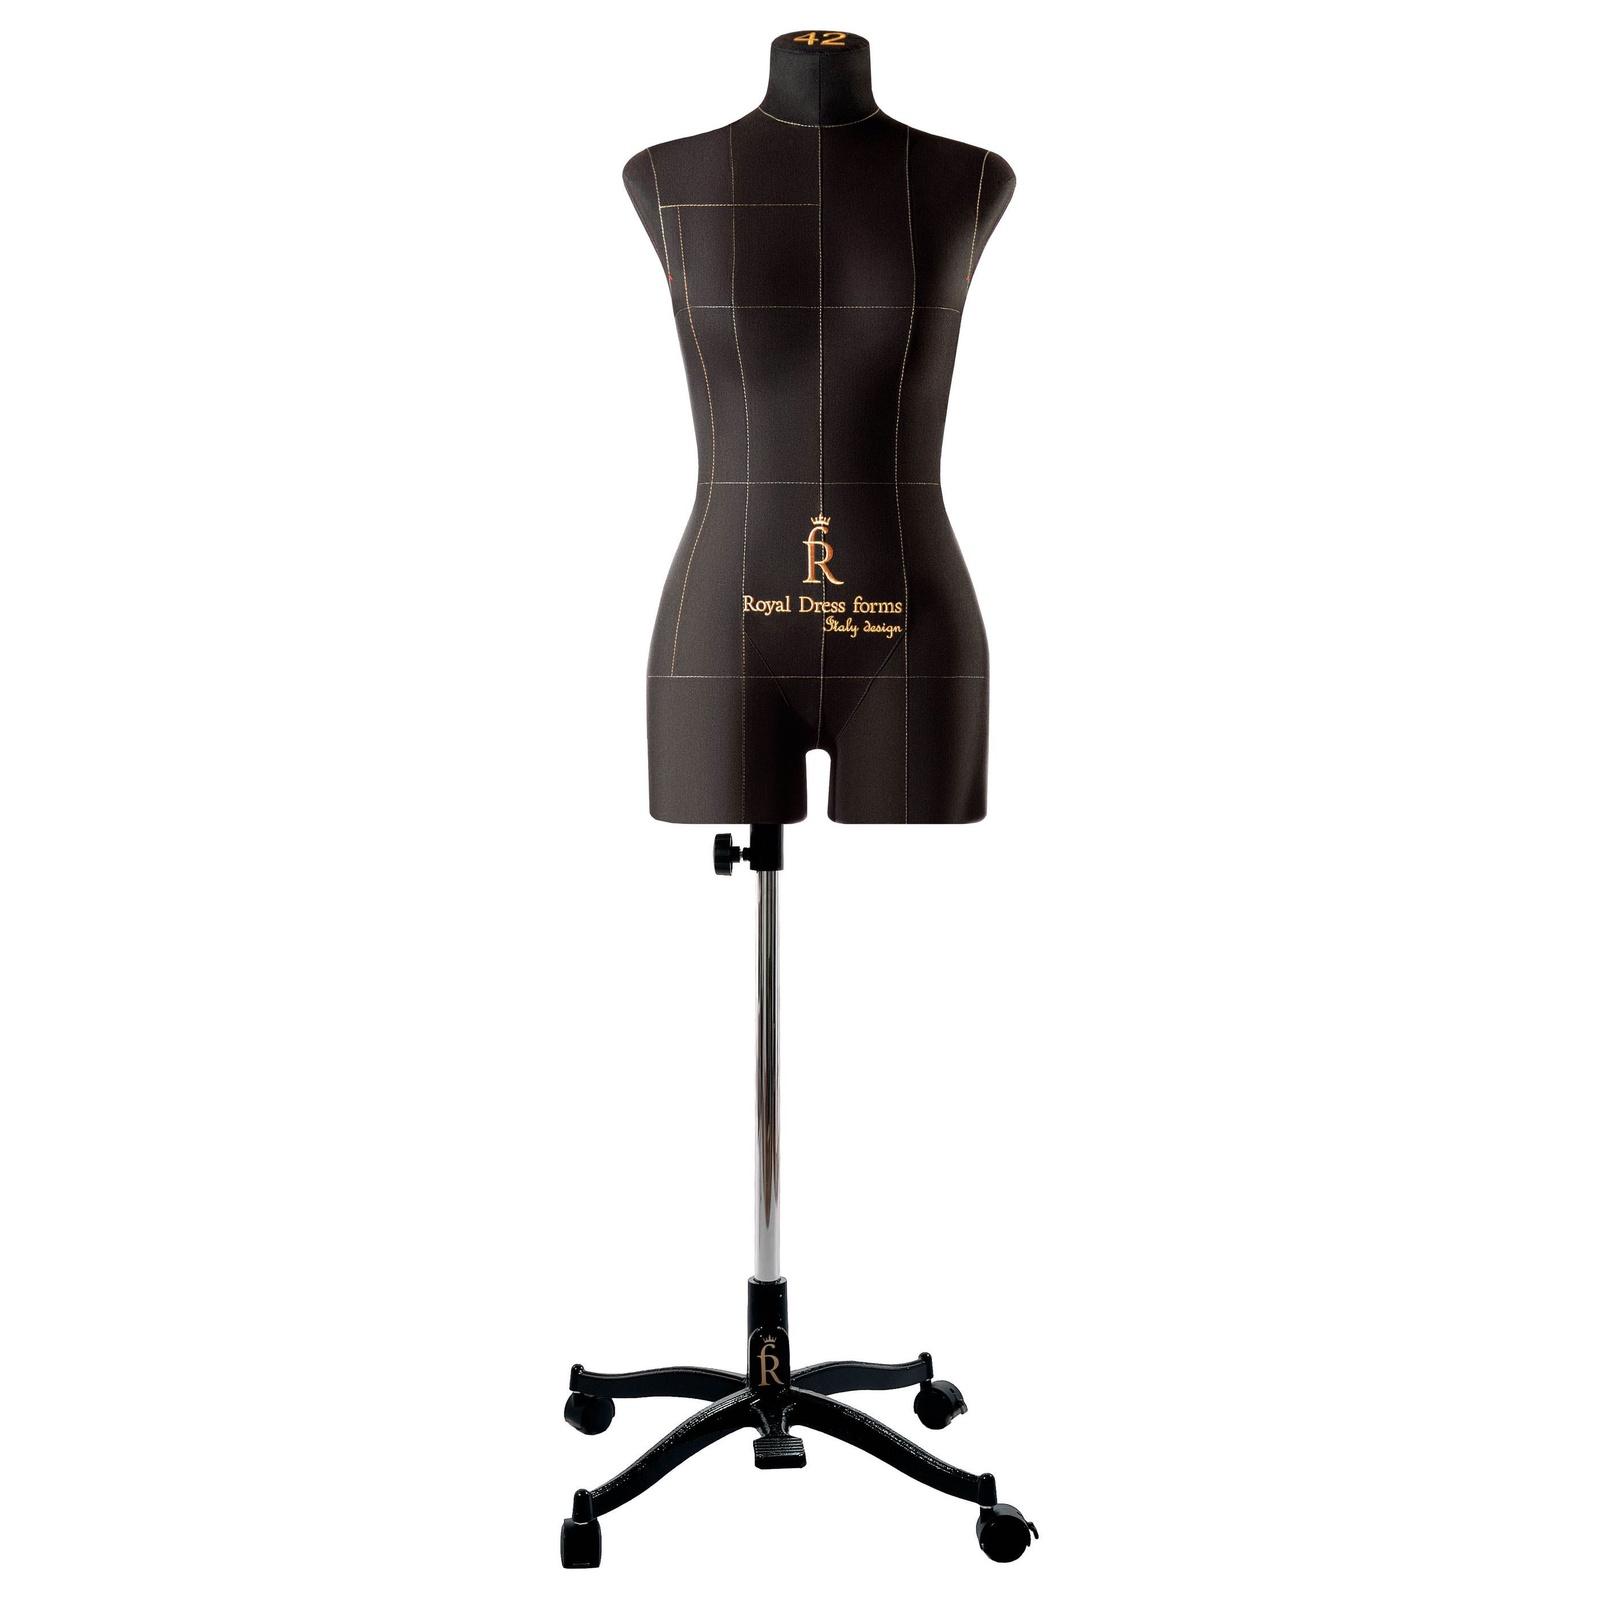 Манекен Royal Dress forms Monica 42 манекен monica размер 52 бежевый